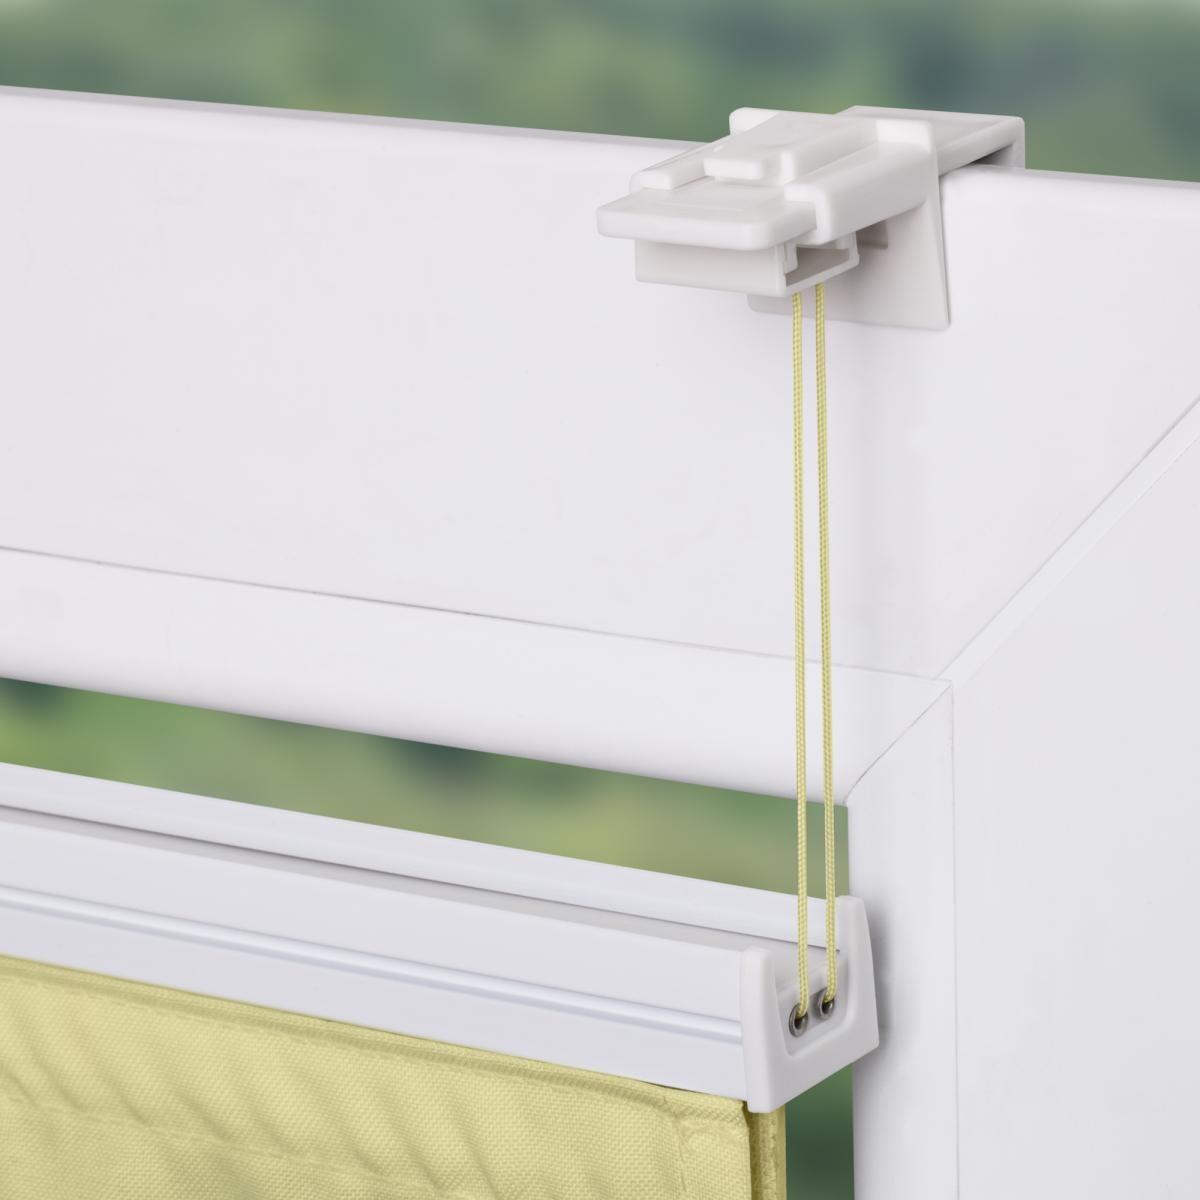 Bild 4 von Lichtblick Raffrollo Klemmfix TOP, ohne Bohren, verspannt Gelb, 110 cm x 130 cm (B x L)